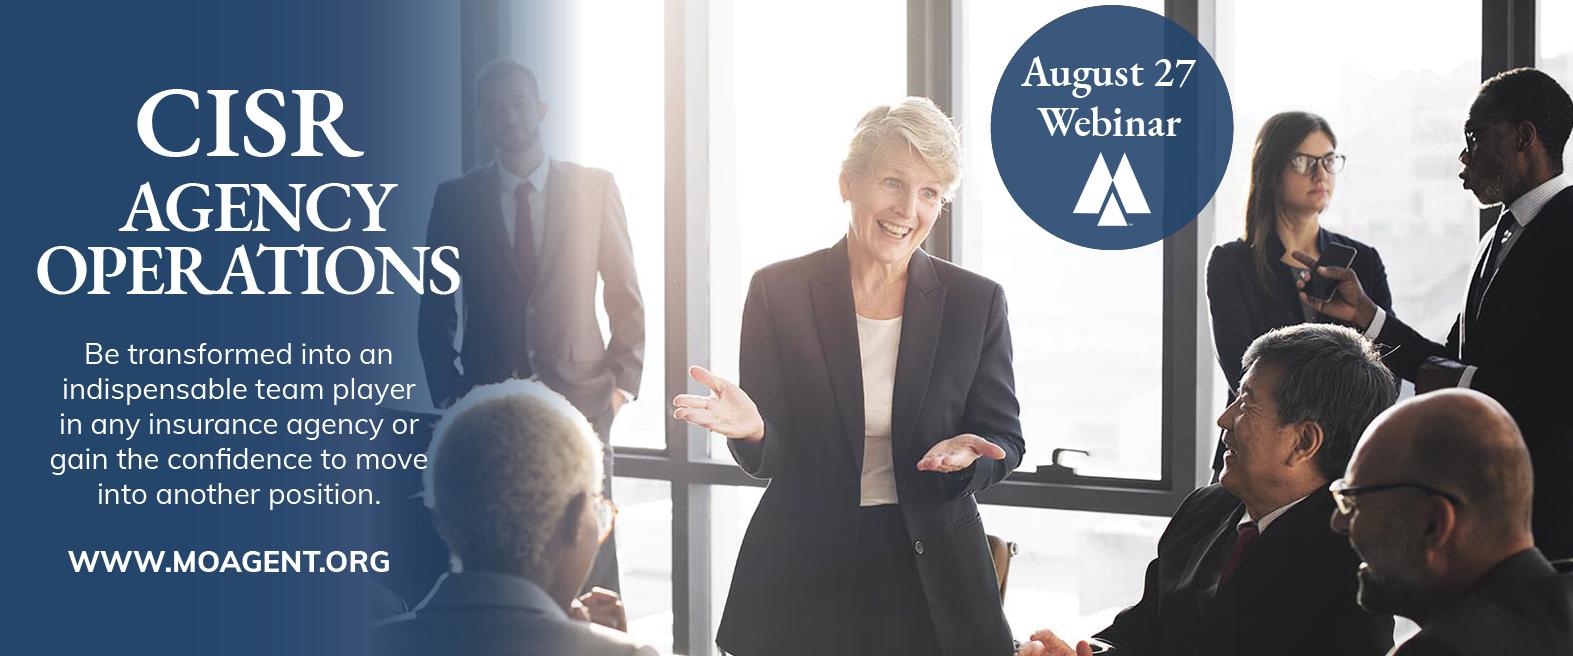 CISR Agency Operations Webinar